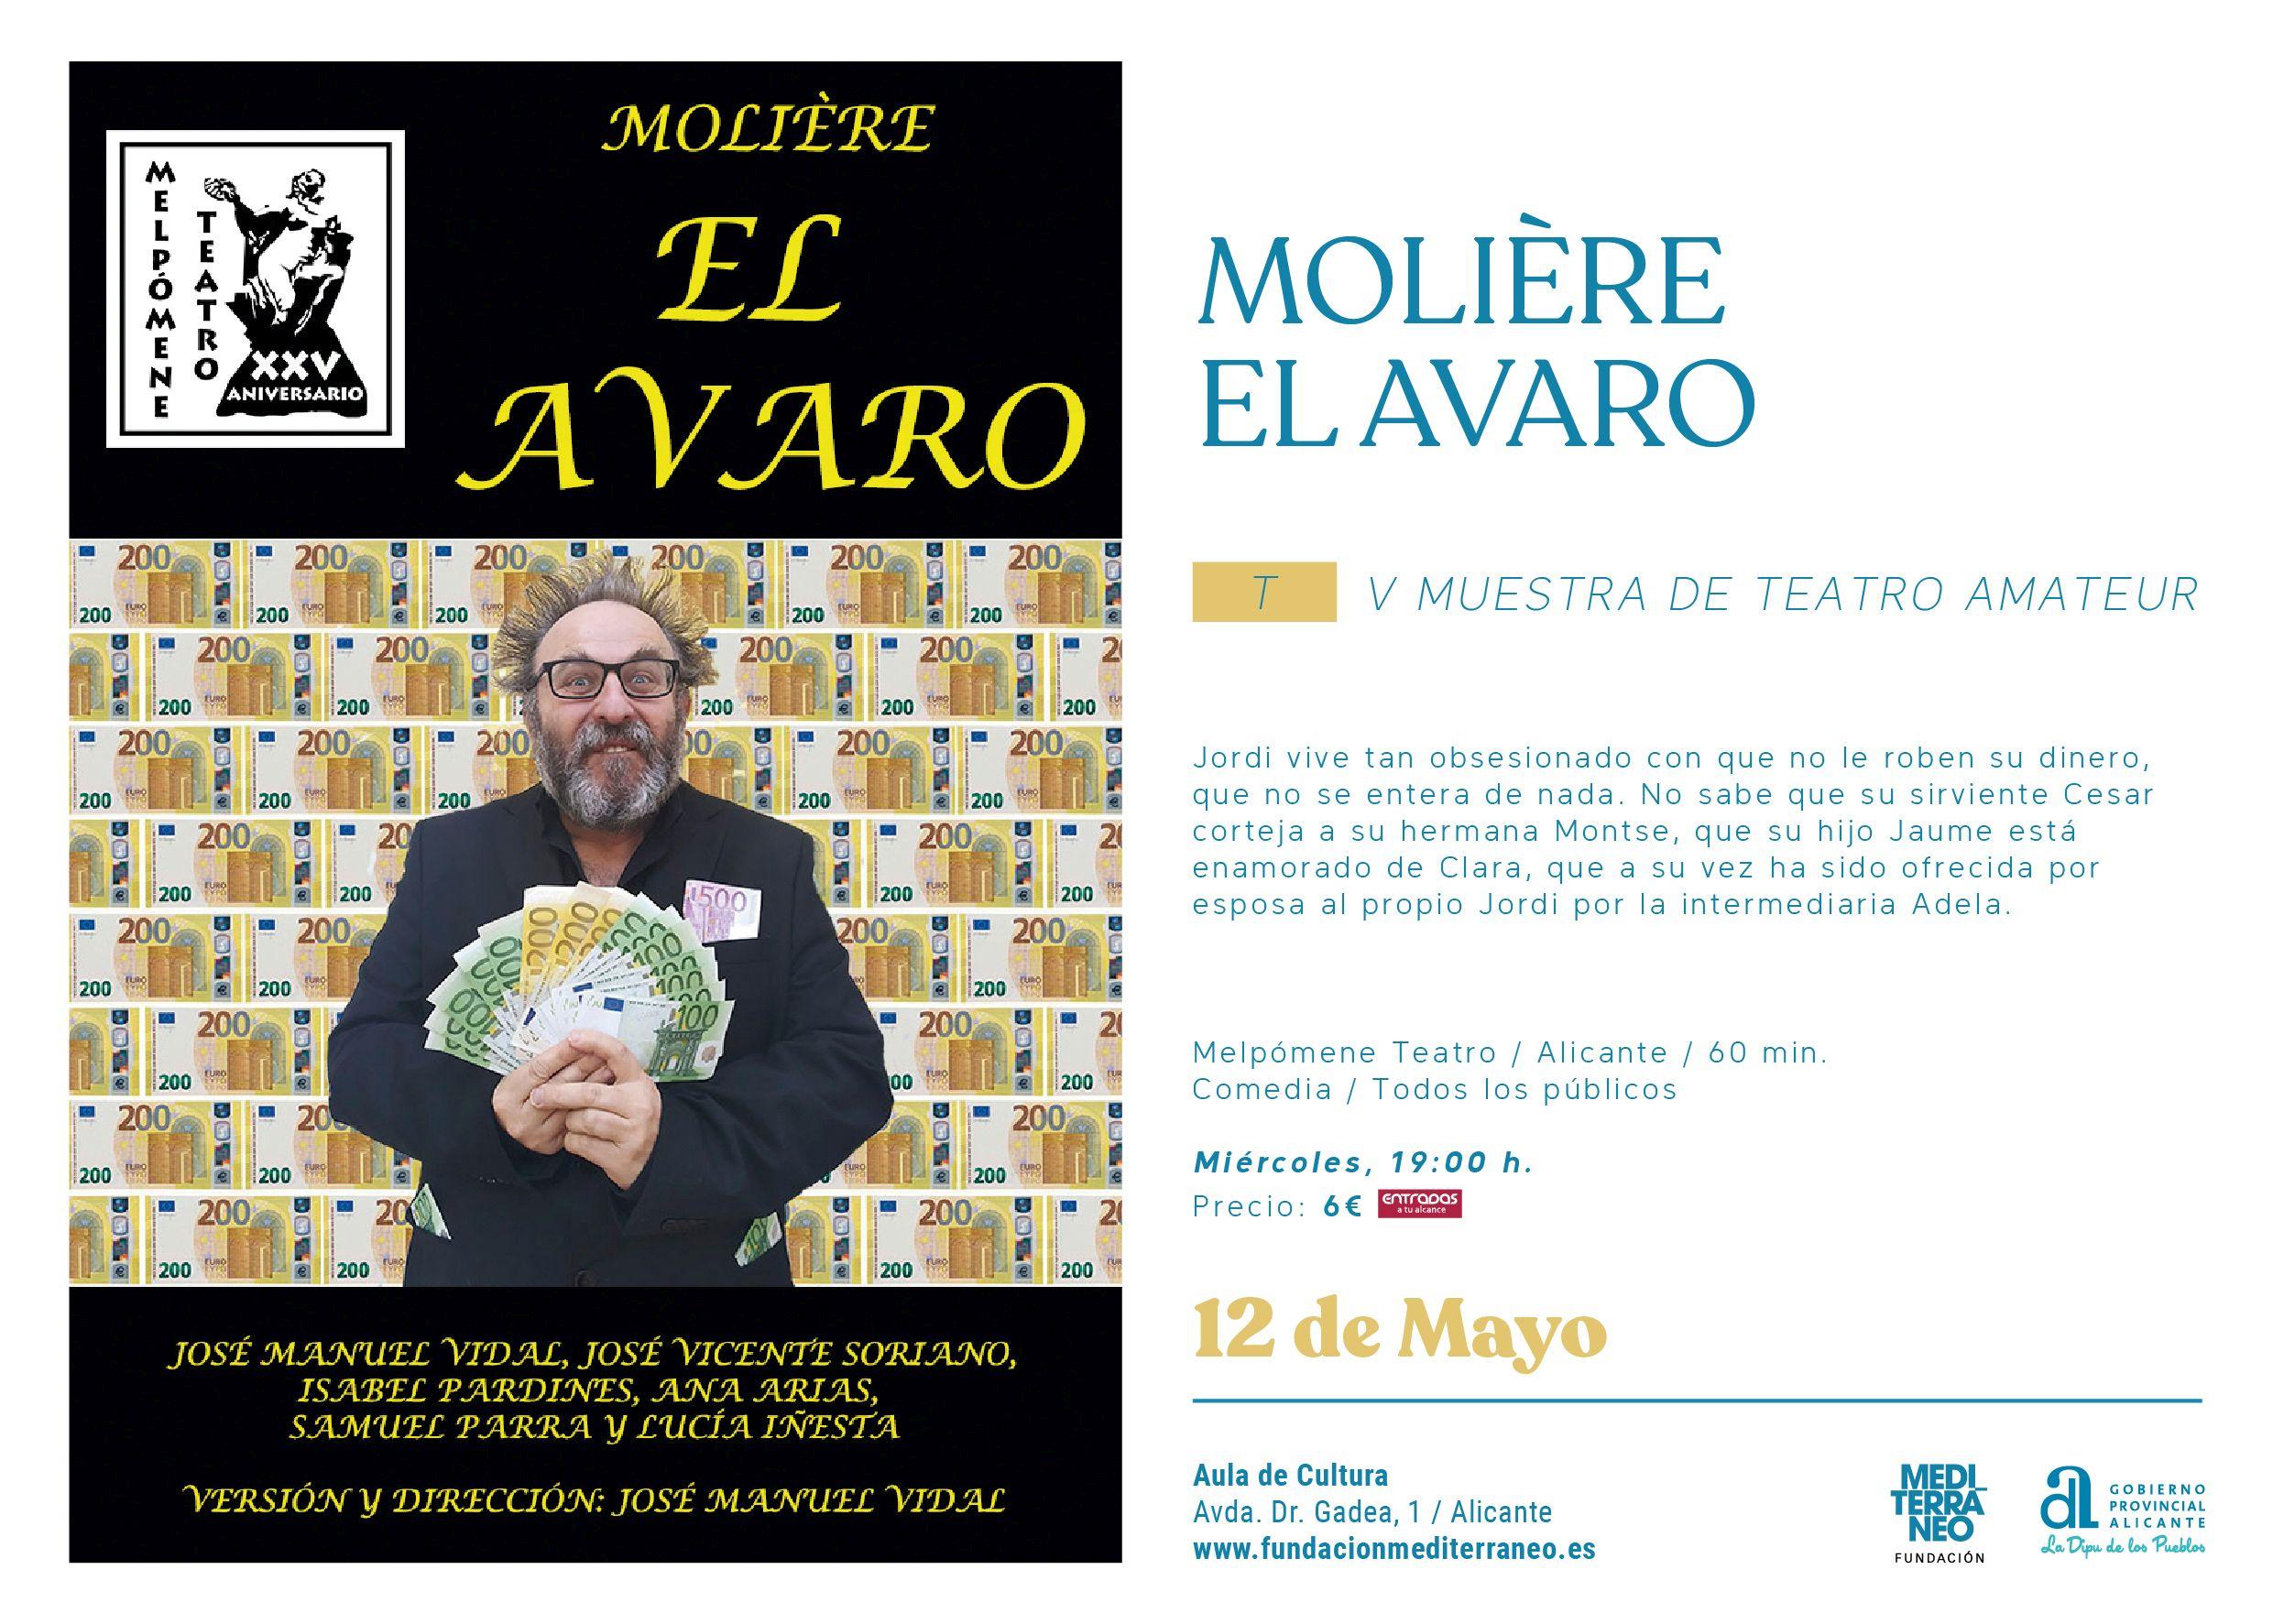 v-muestra-de-teatro-amateur-moliere-el-avaro-6033de3138665.jpeg